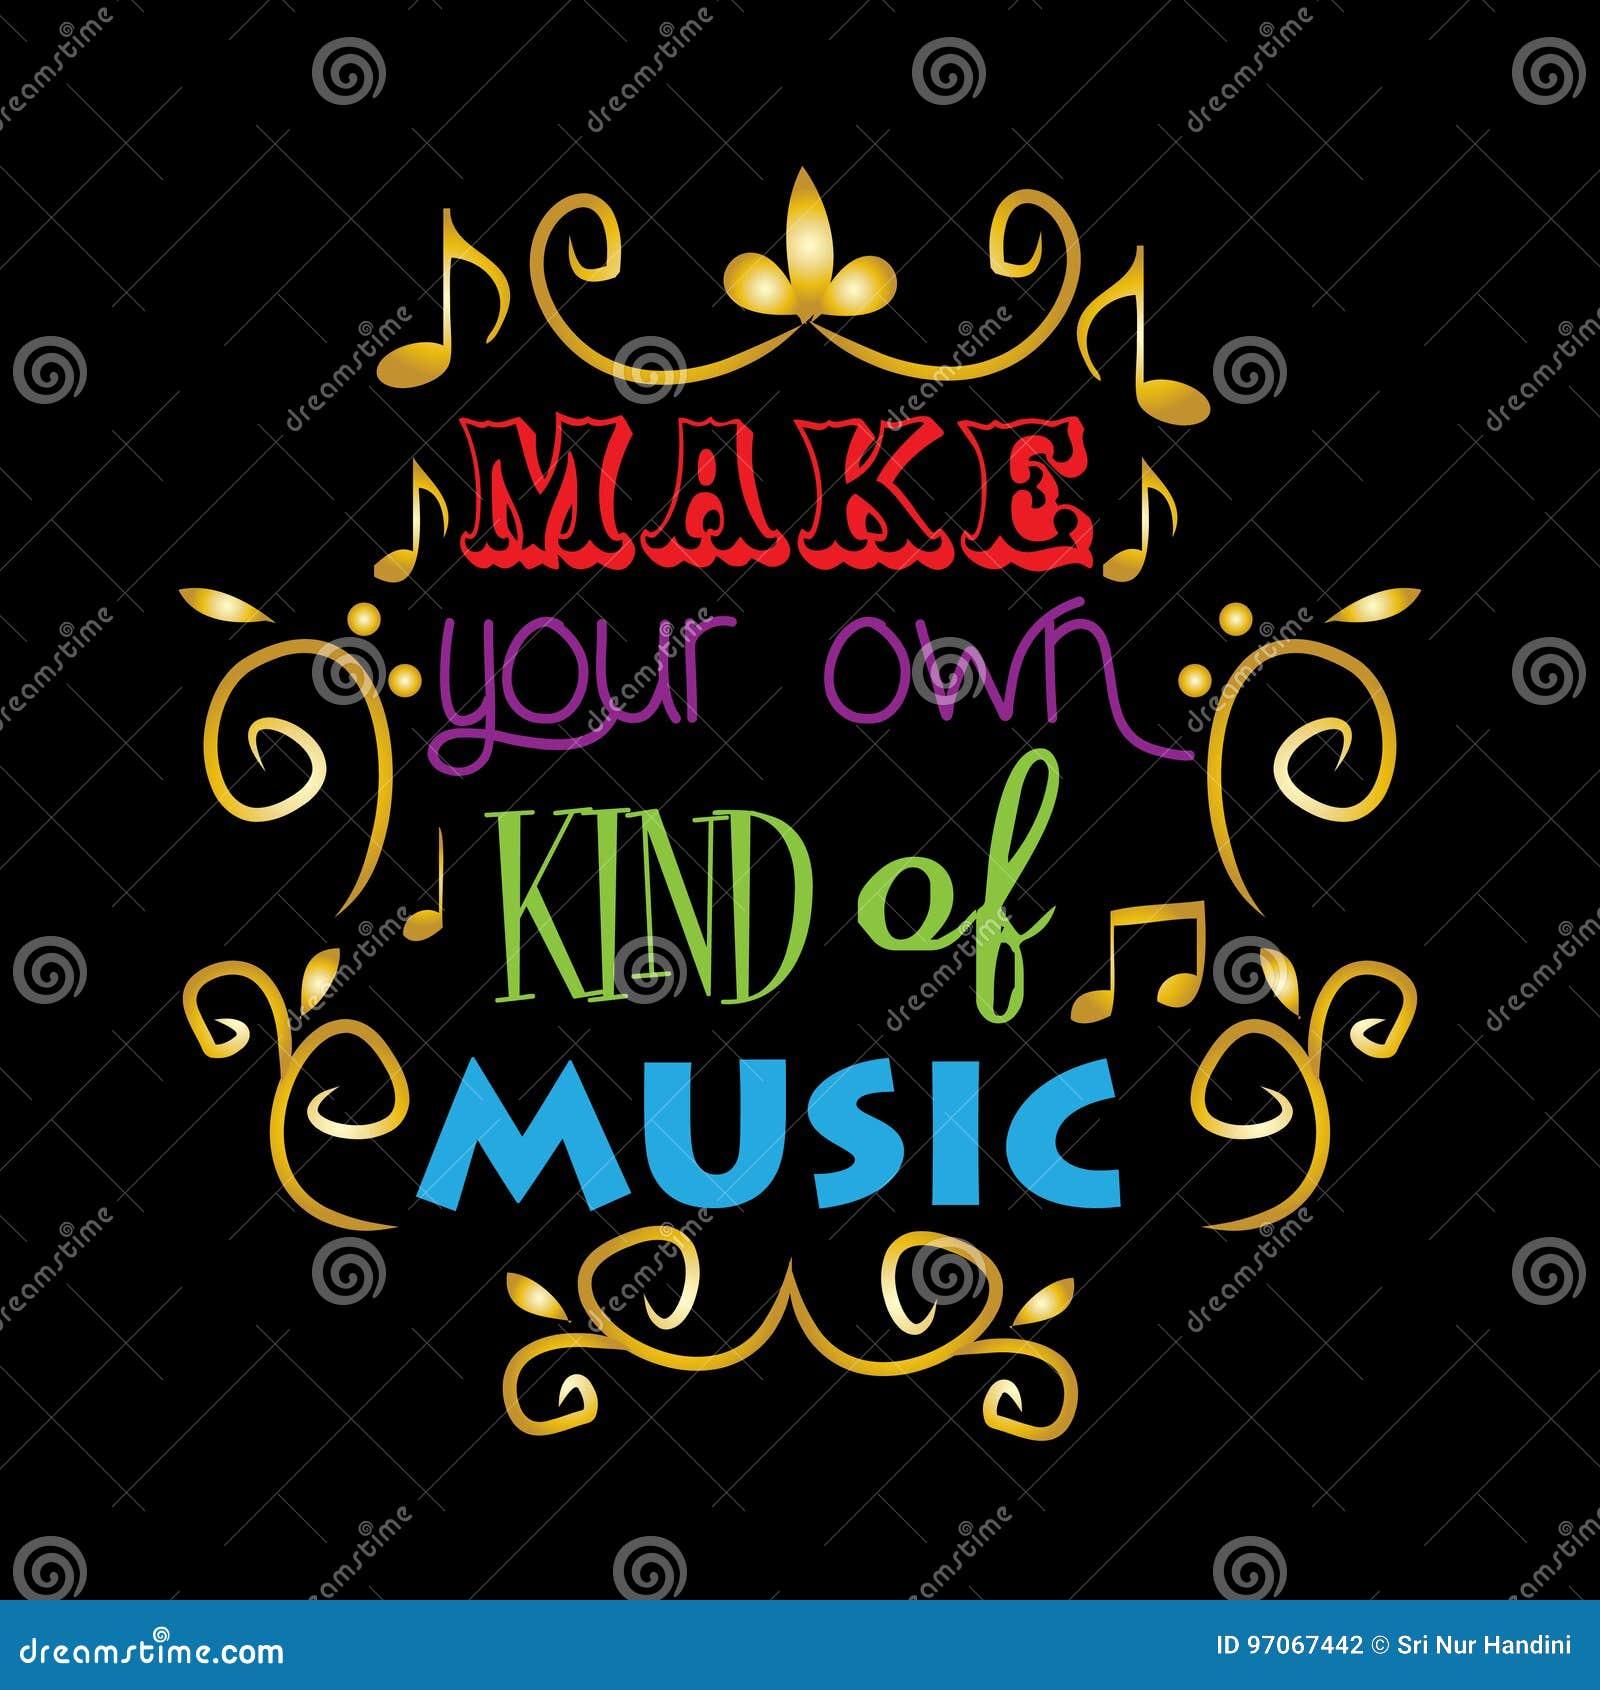 Faccia il vostro proprio genere di musica